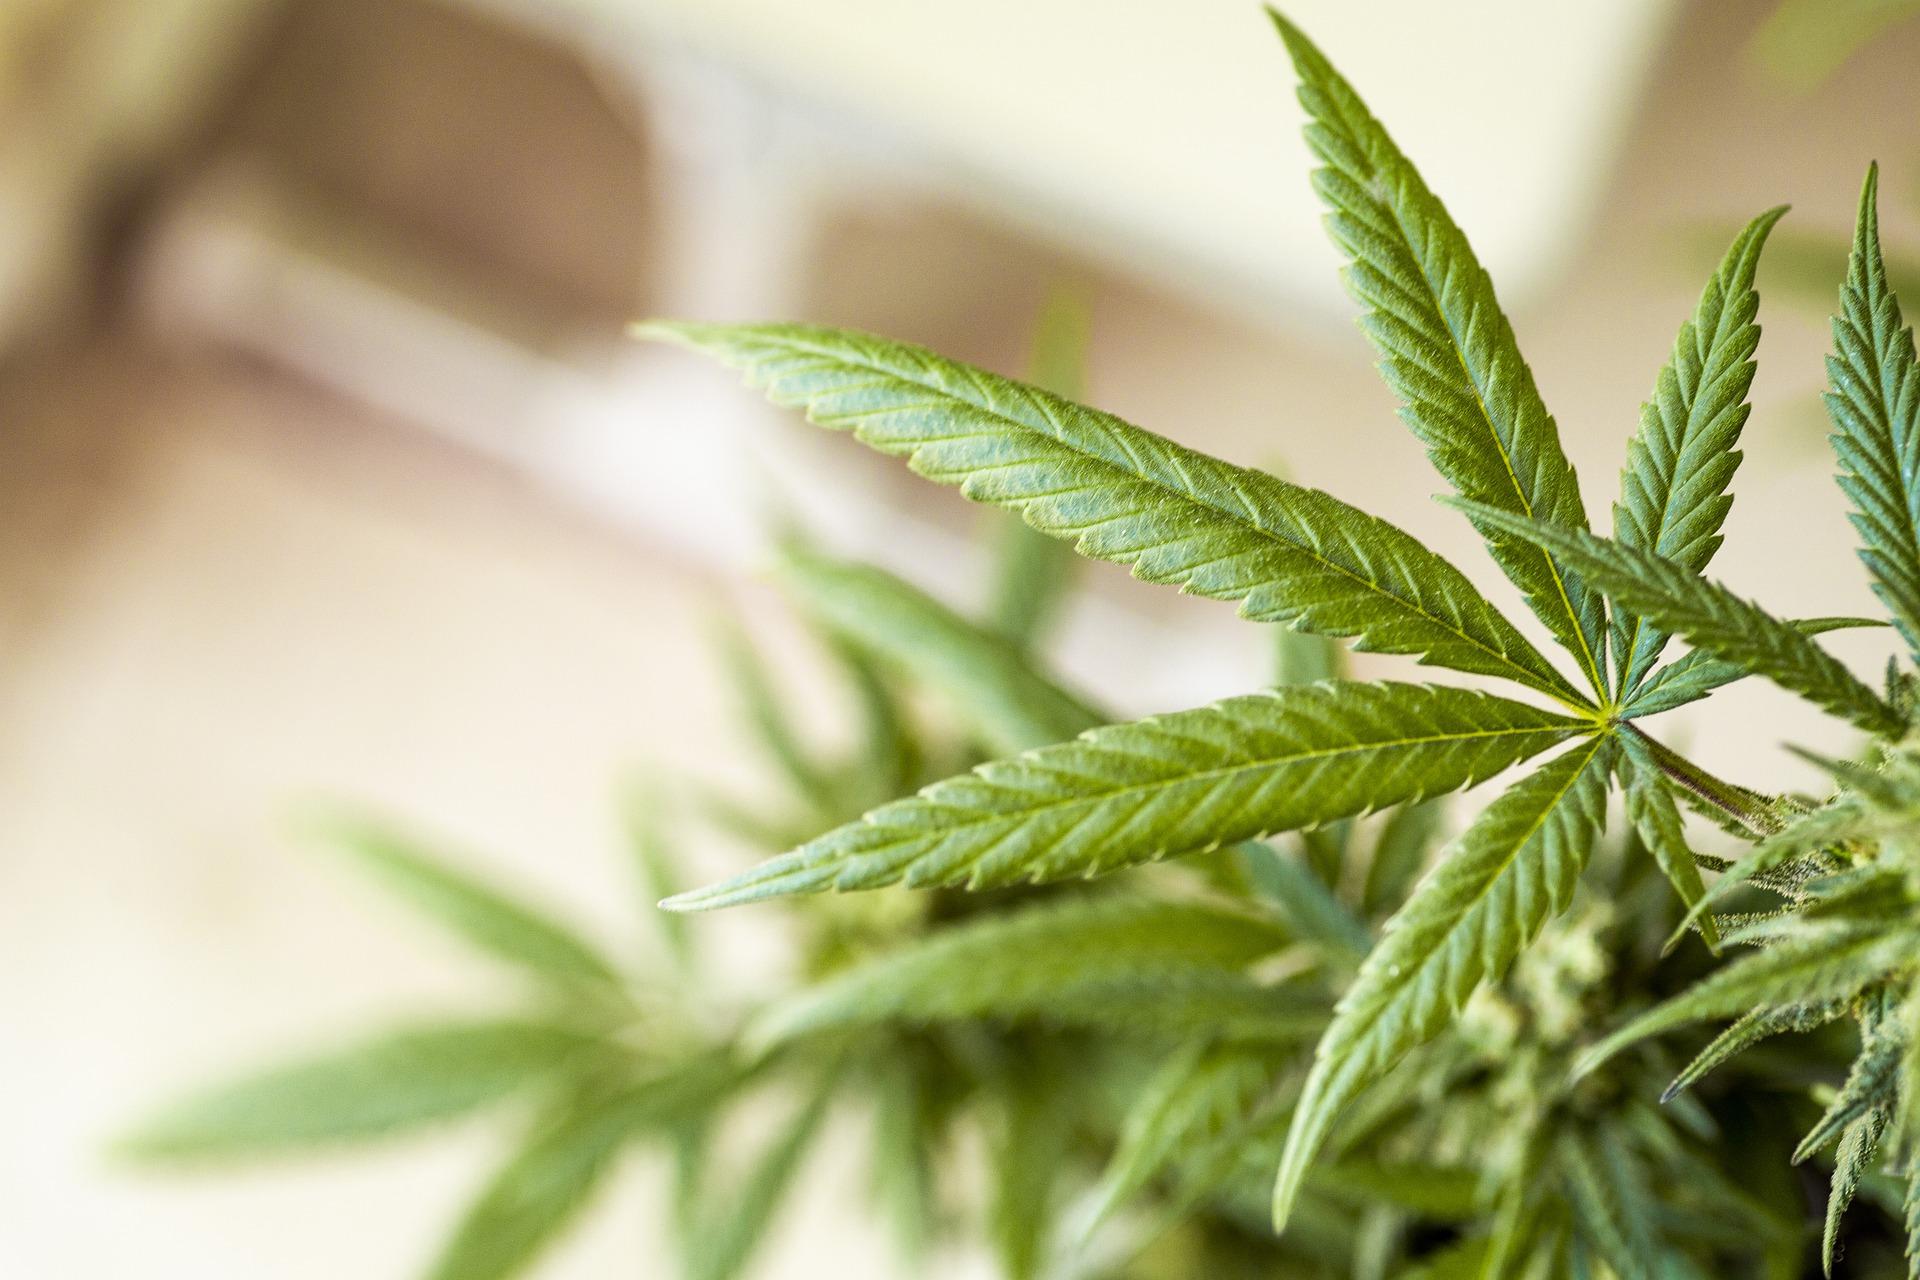 La réglementation de l'usage du cannabis pourrait être revue par le gouvernement